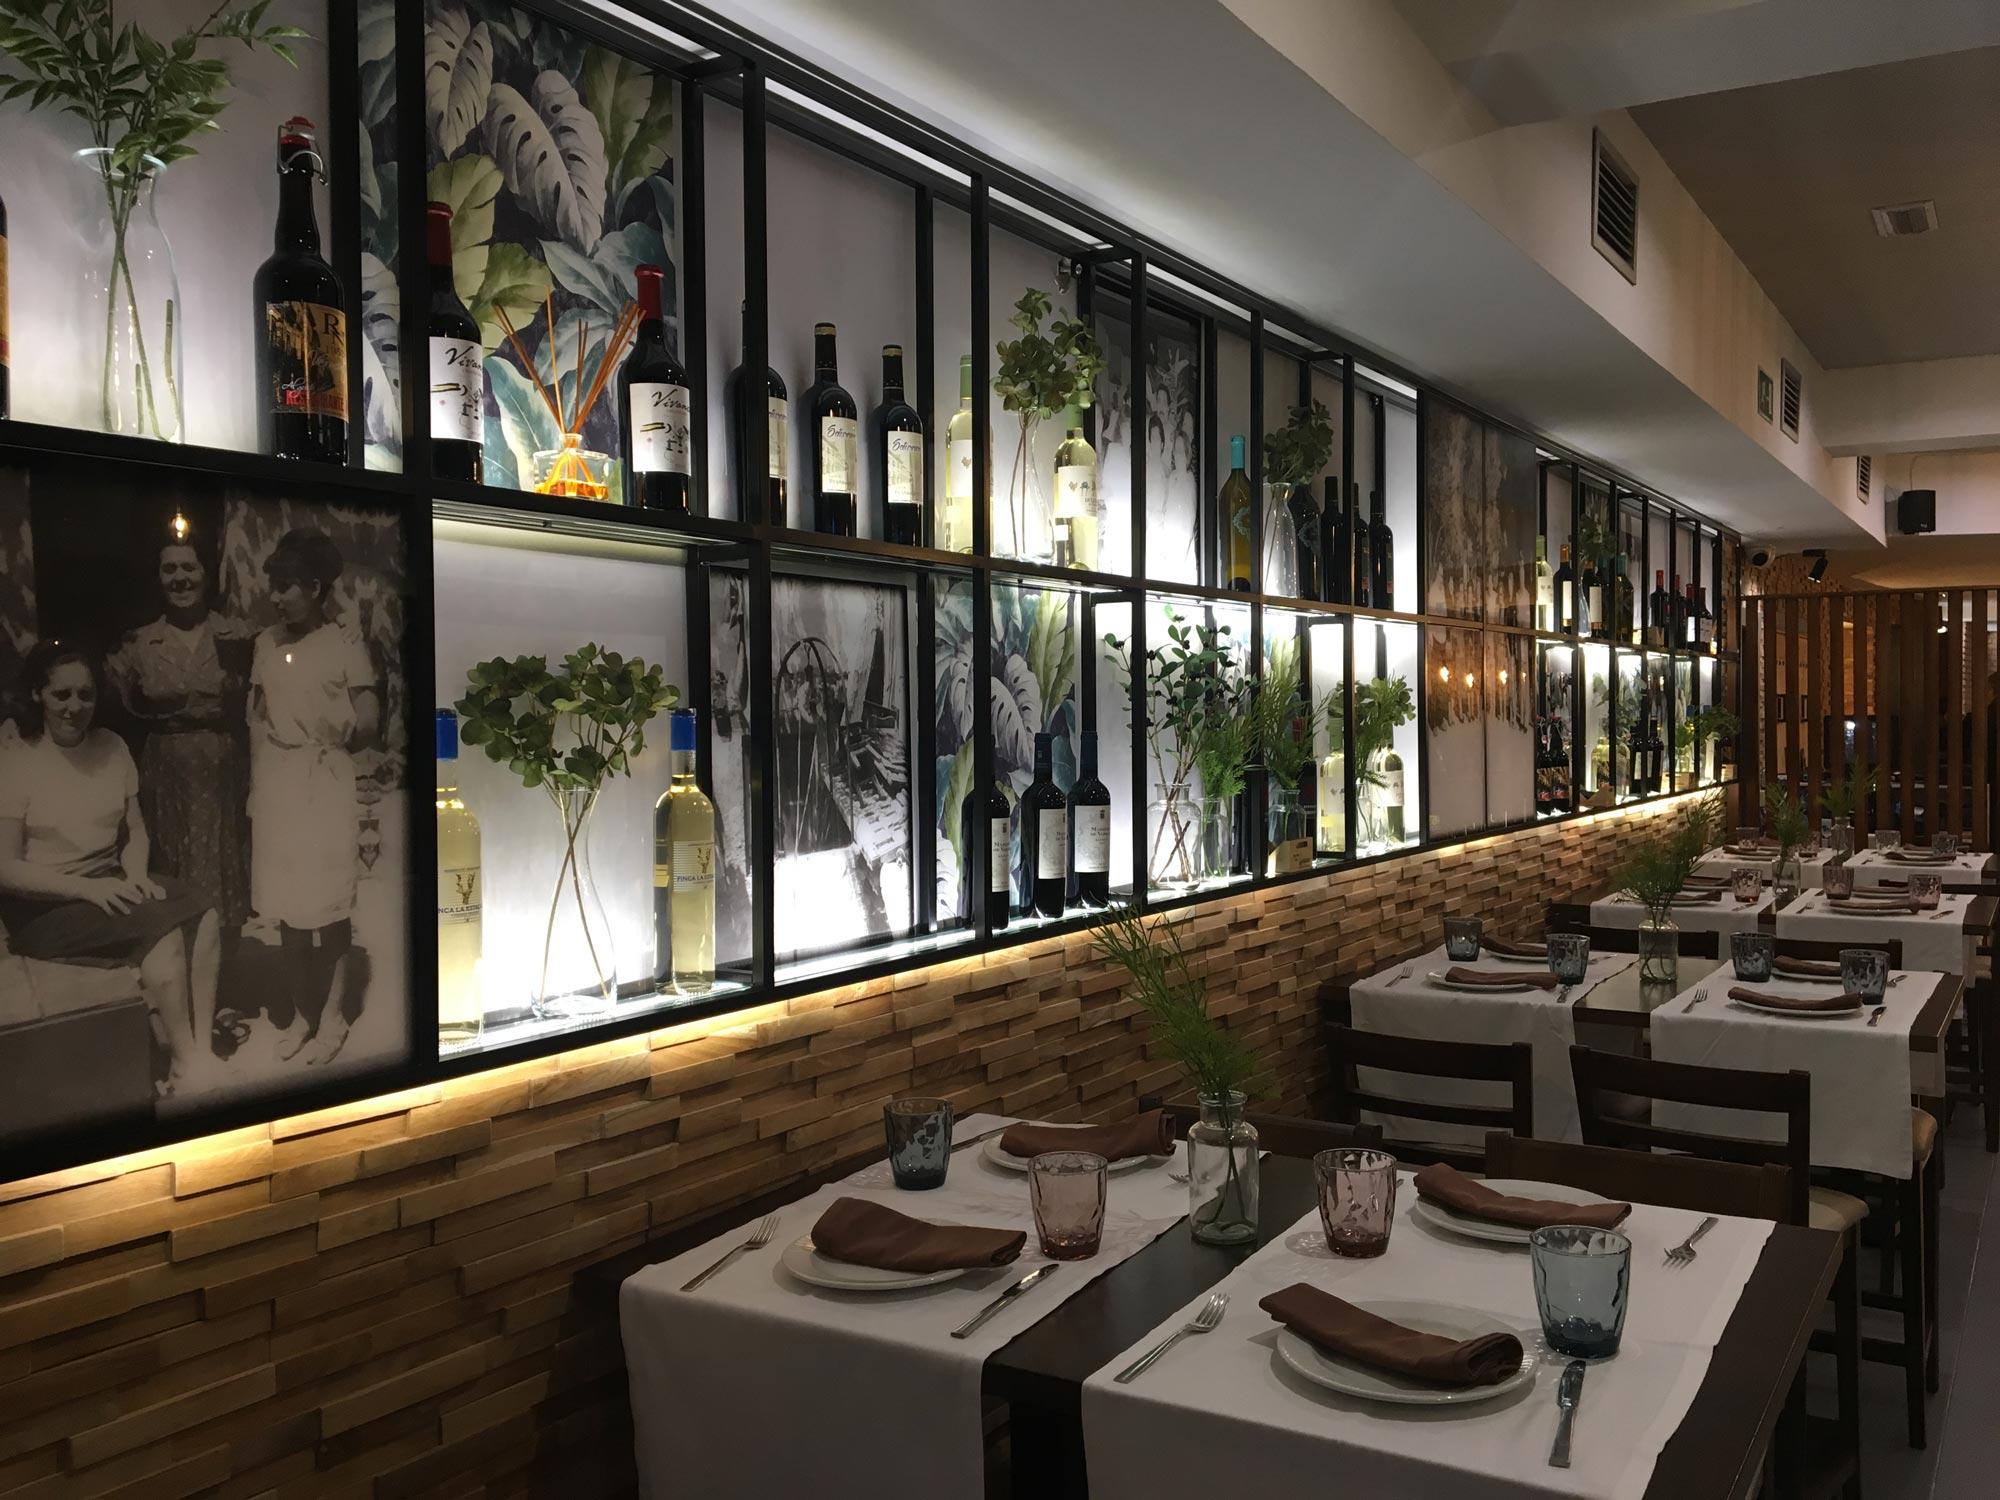 Restaurante-Lucrecia-Alcala-Mural-Historia